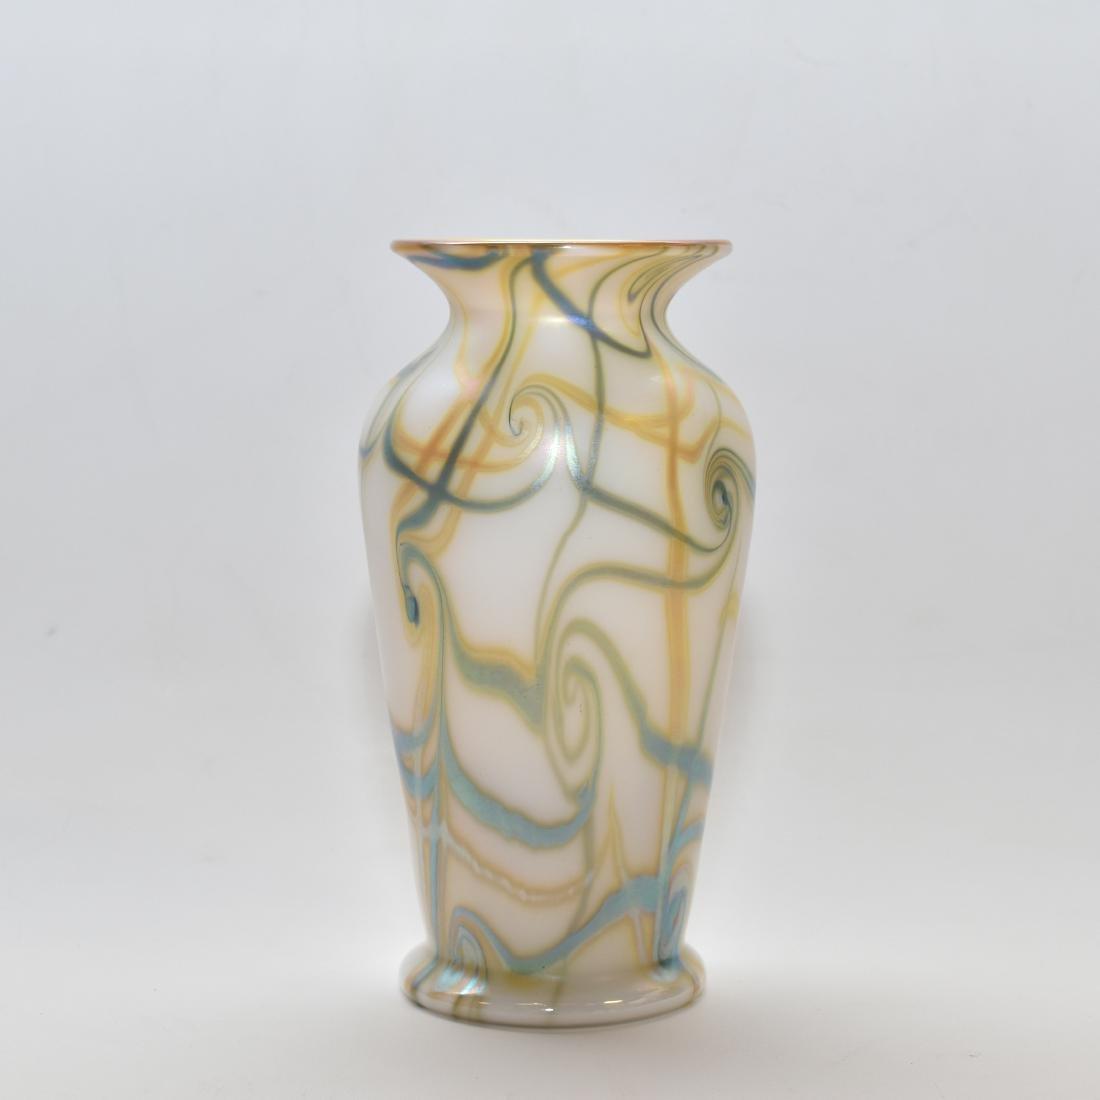 ART NOUVEAU STYLE GLASS VASE